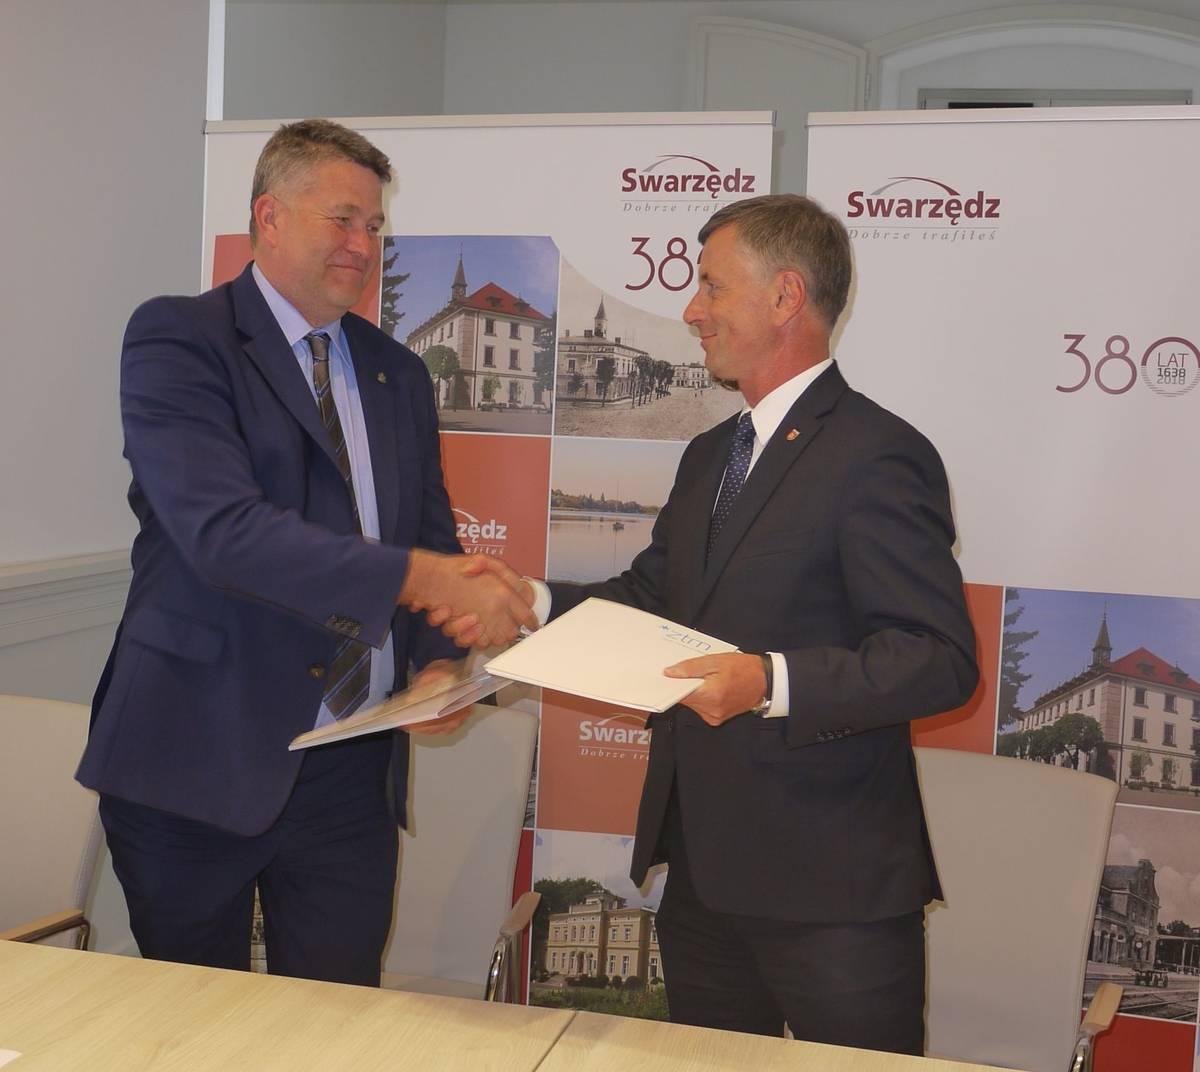 Kolejny krok do integracji transportu publicznego Miasta Poznania i Gminy Swarzędz